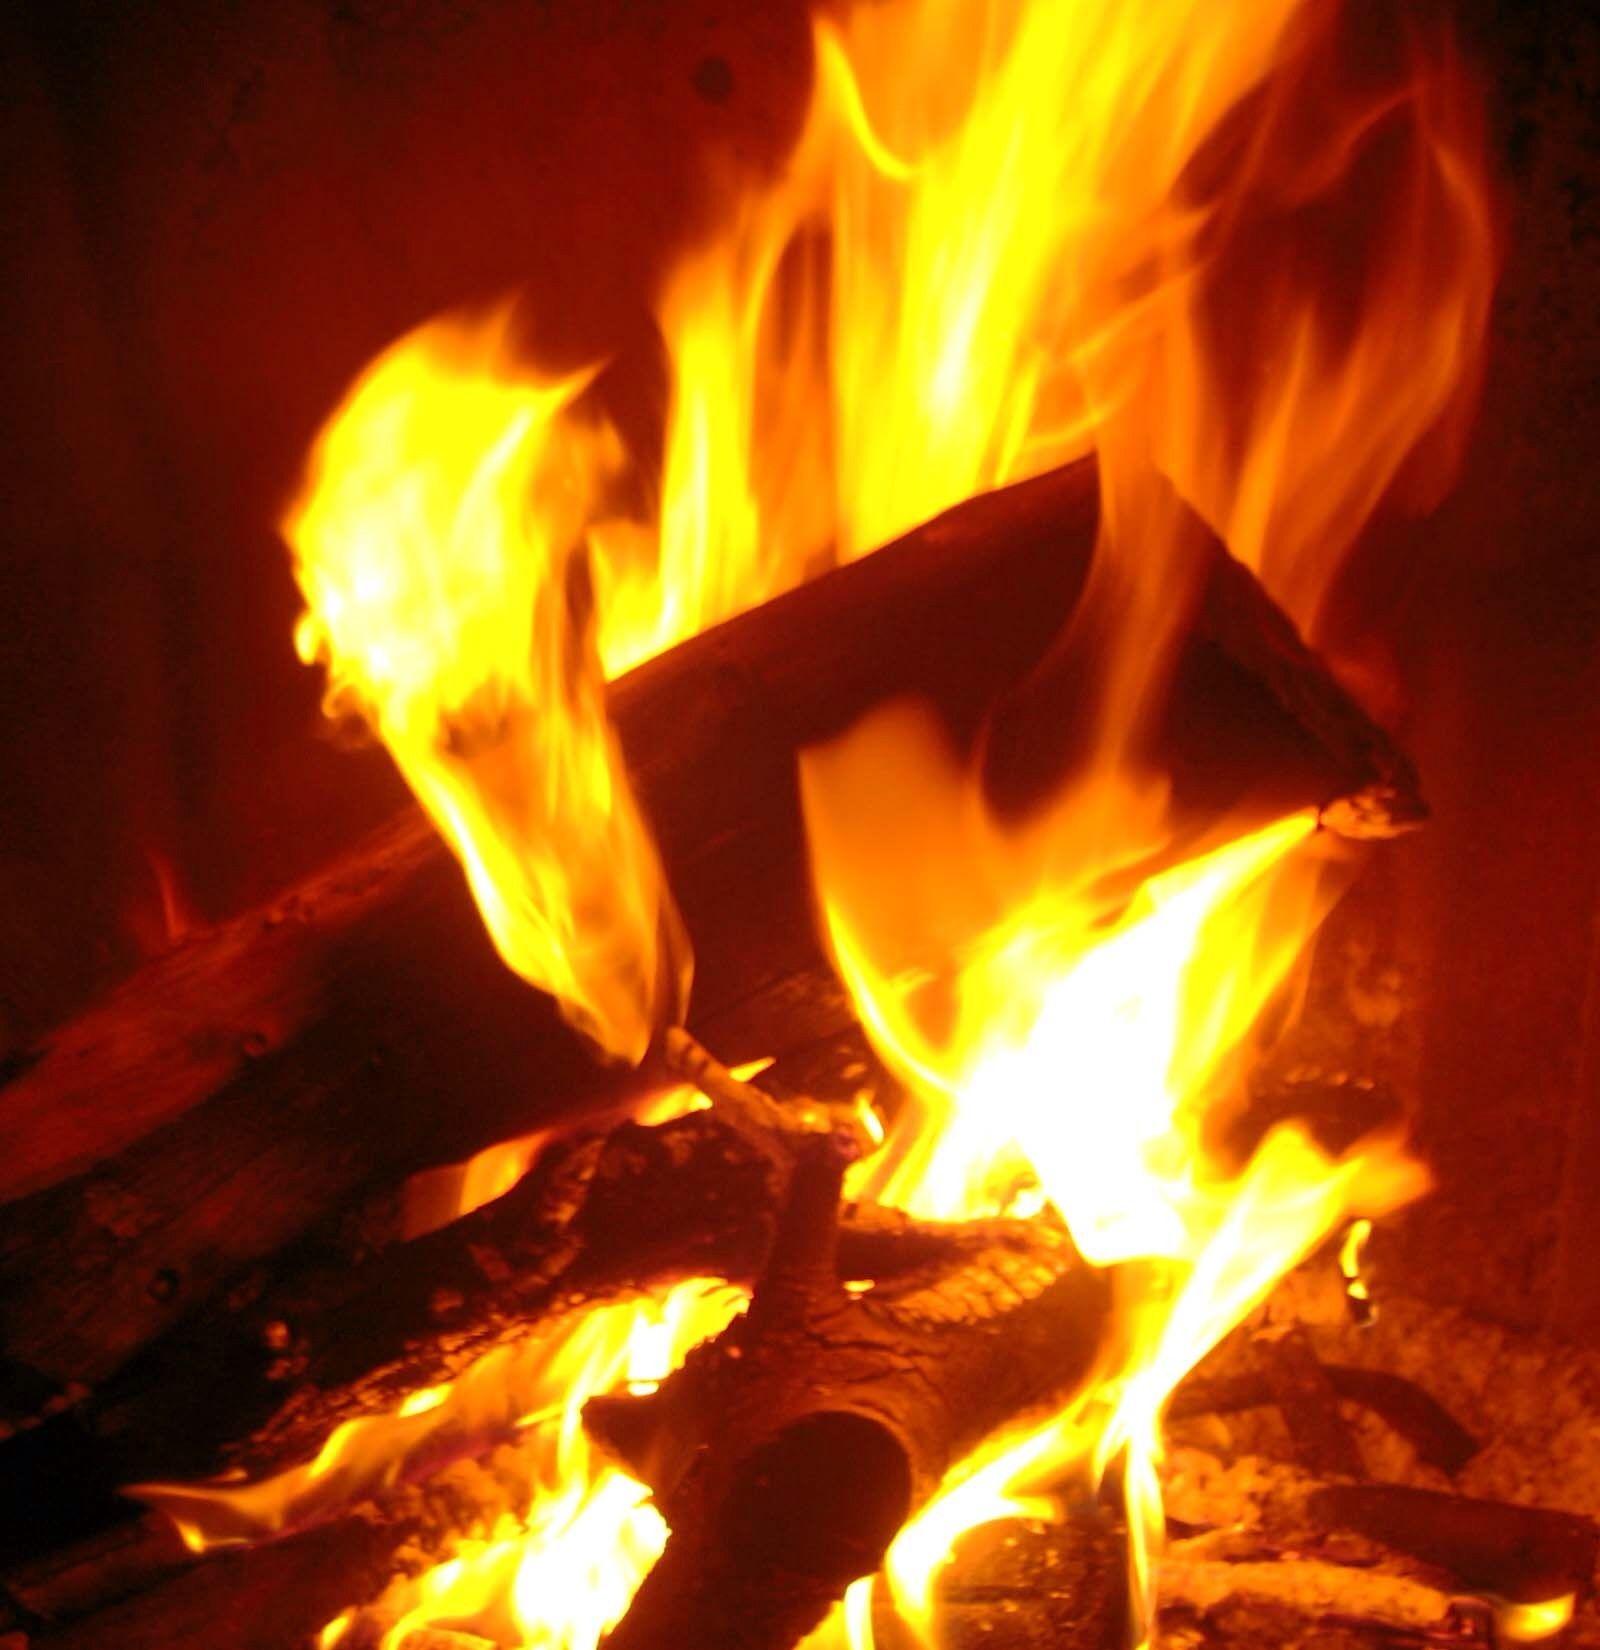 Reacción redox ( un ejemplo es el fuego ) | reacciones de óxido ...